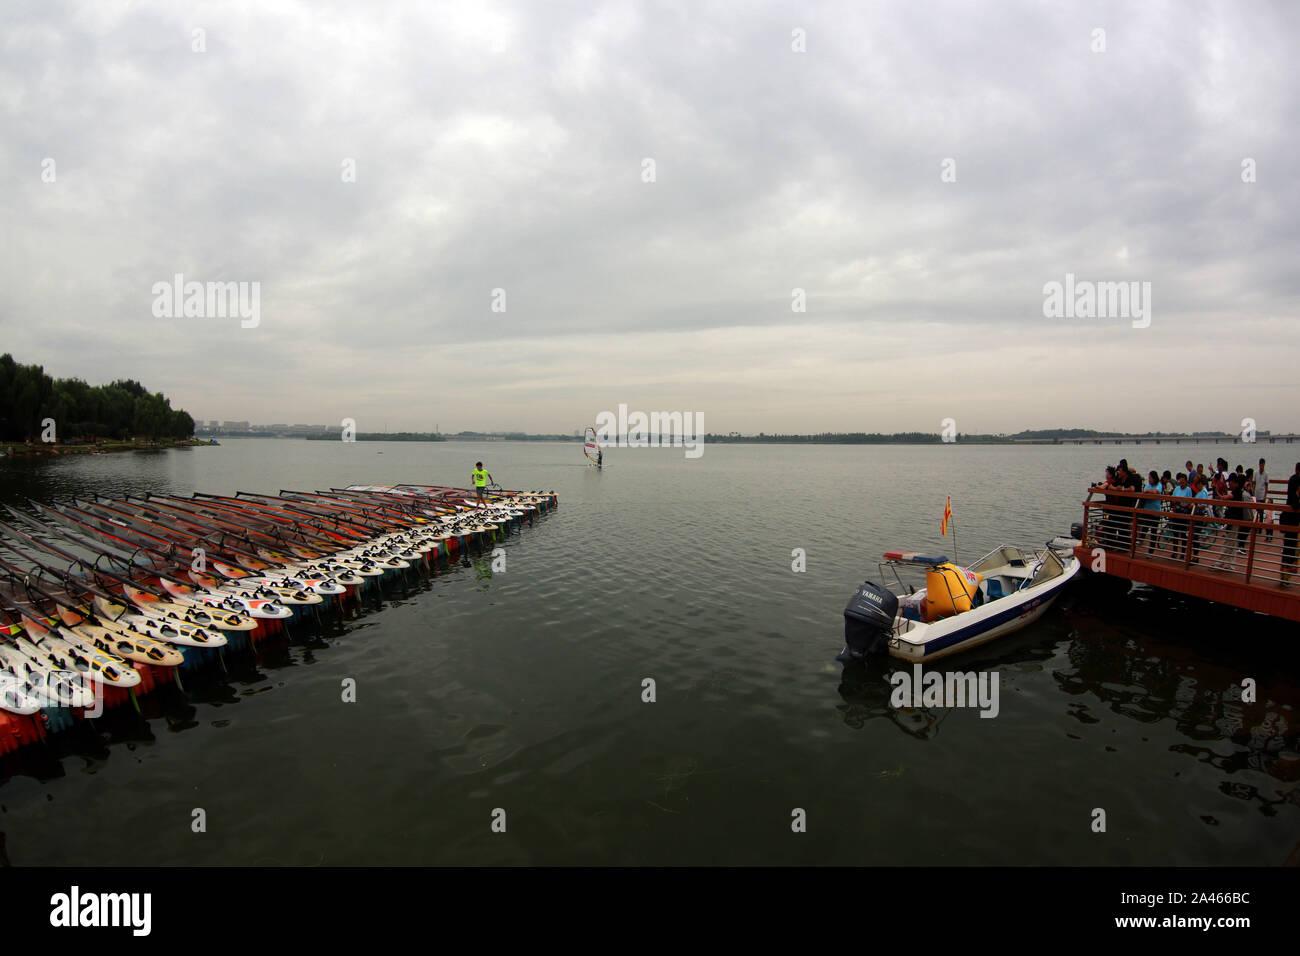 Imagen de los barcos en el lago del Parque lila en la China del 11 de windsurf Challenge en la ciudad de Shenyang, en el noreste de la provincia china de Liaoning, 7 Septem Foto de stock